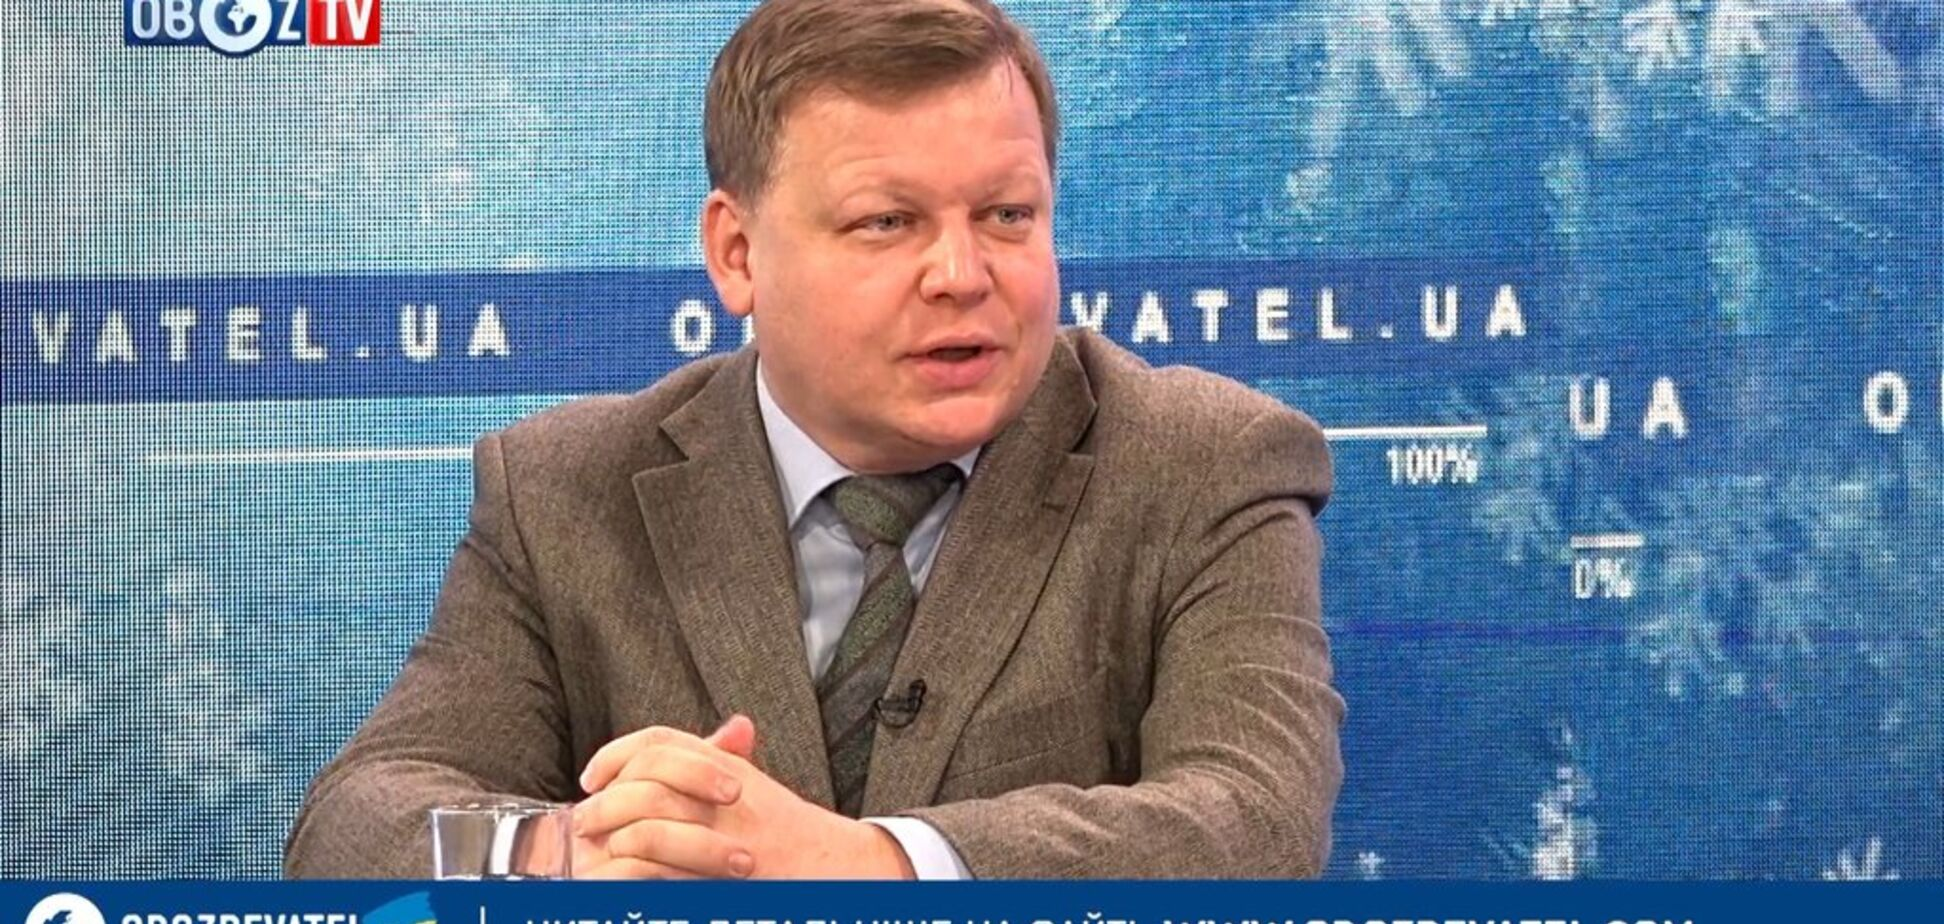 Удержать и укрепить: в НБУ раскрыли стратегию работы на 2019 год